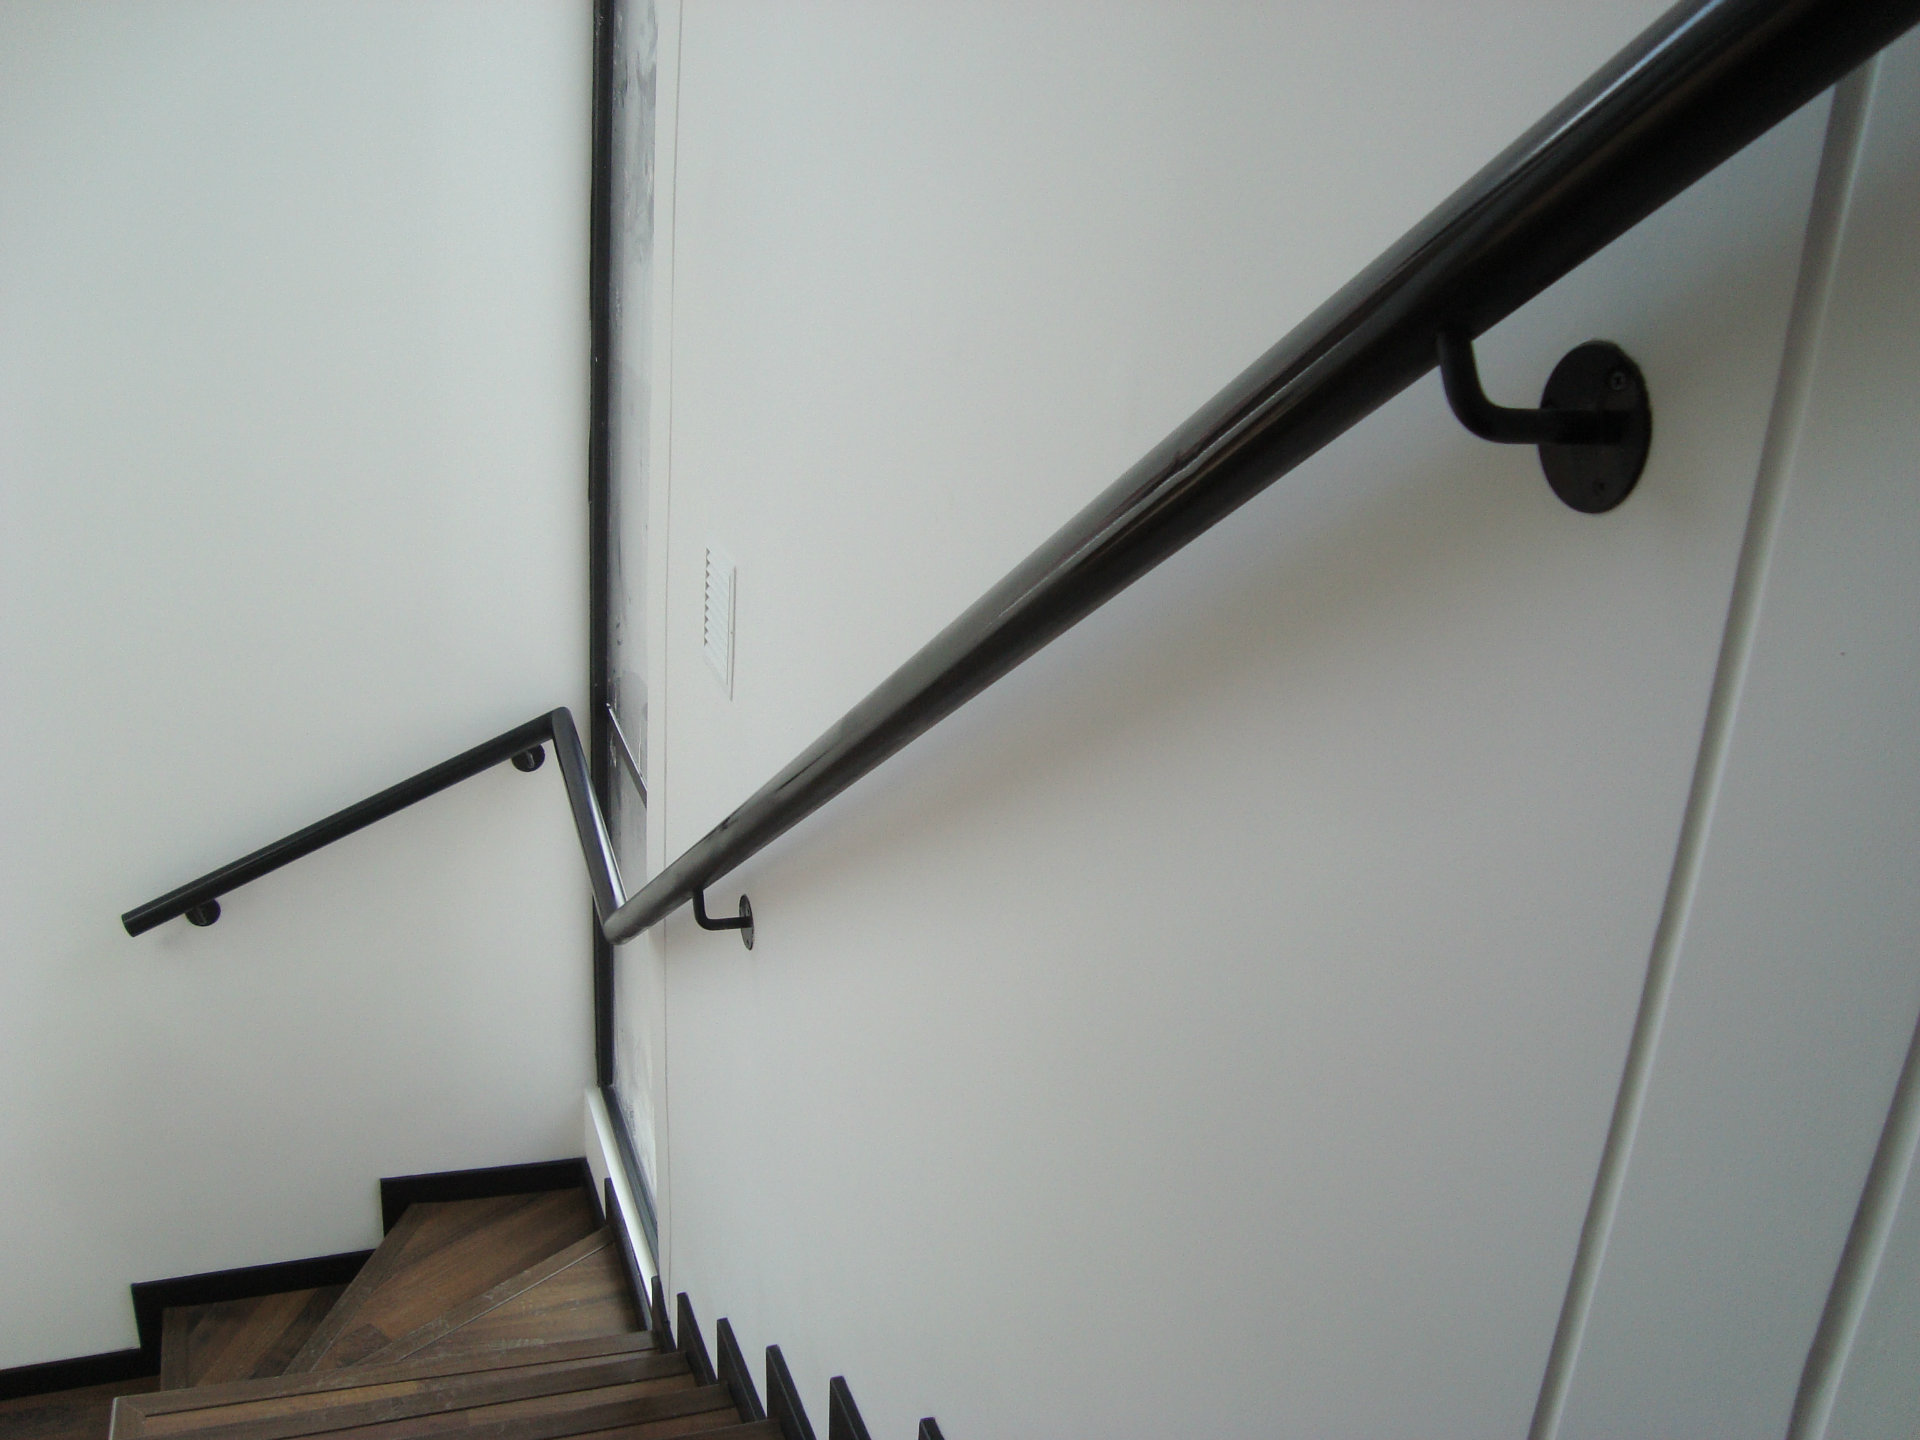 Pasamanos mixtos metalmachine - Pasamanos de acero inoxidable para escaleras ...